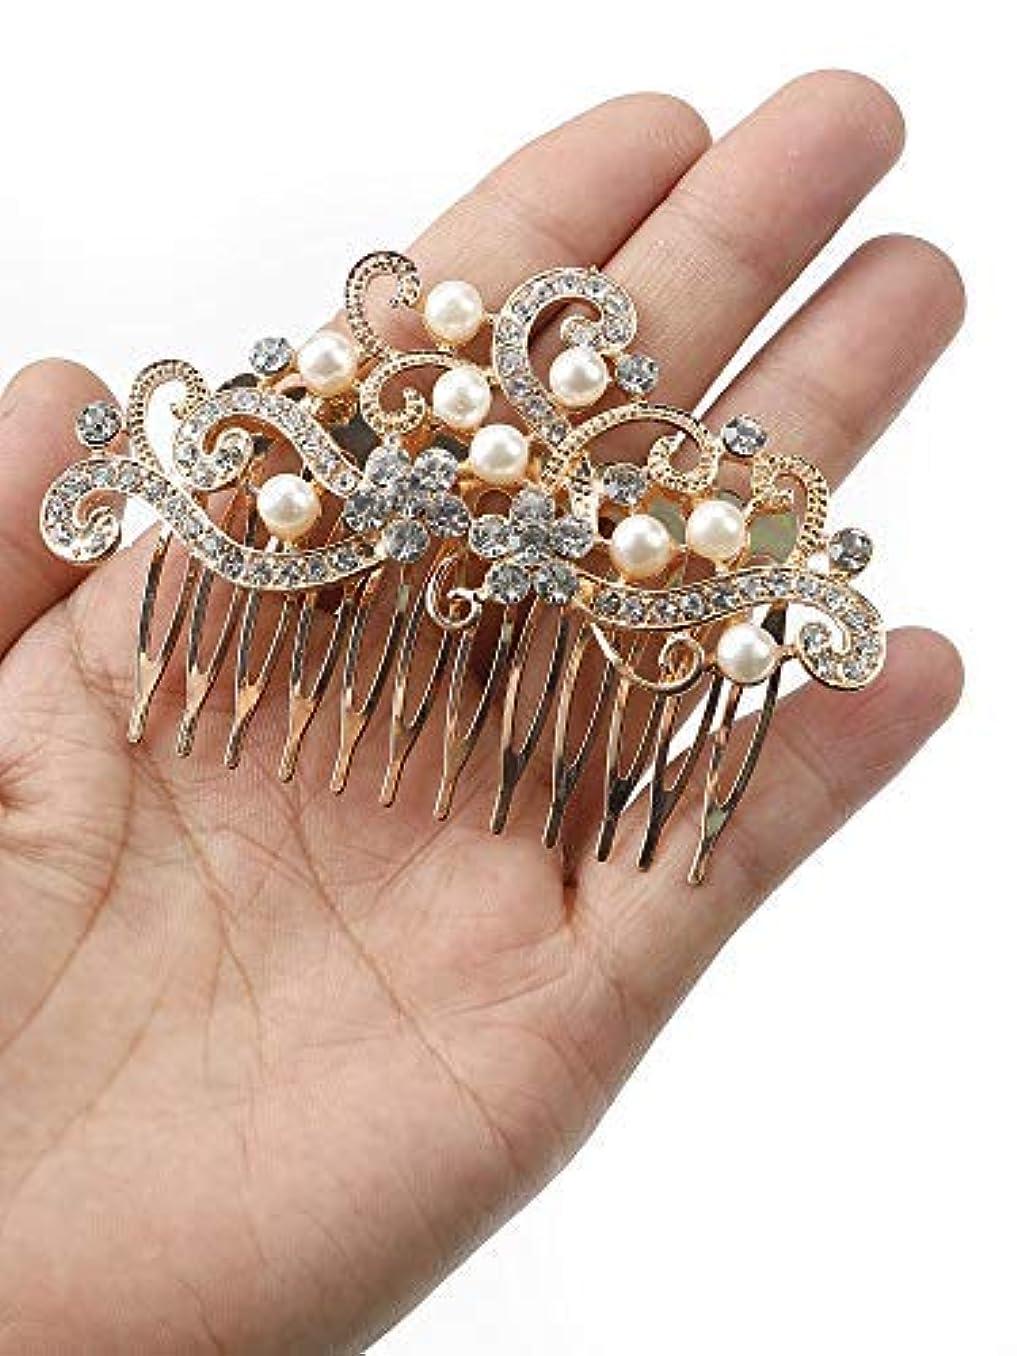 枯渇メロドラマ運ぶFXmimior Bridal Women Vintage Wedding Party Crystal Rhinestone Vintage Hair Comb Hair Accessories (GOLD) [並行輸入品]